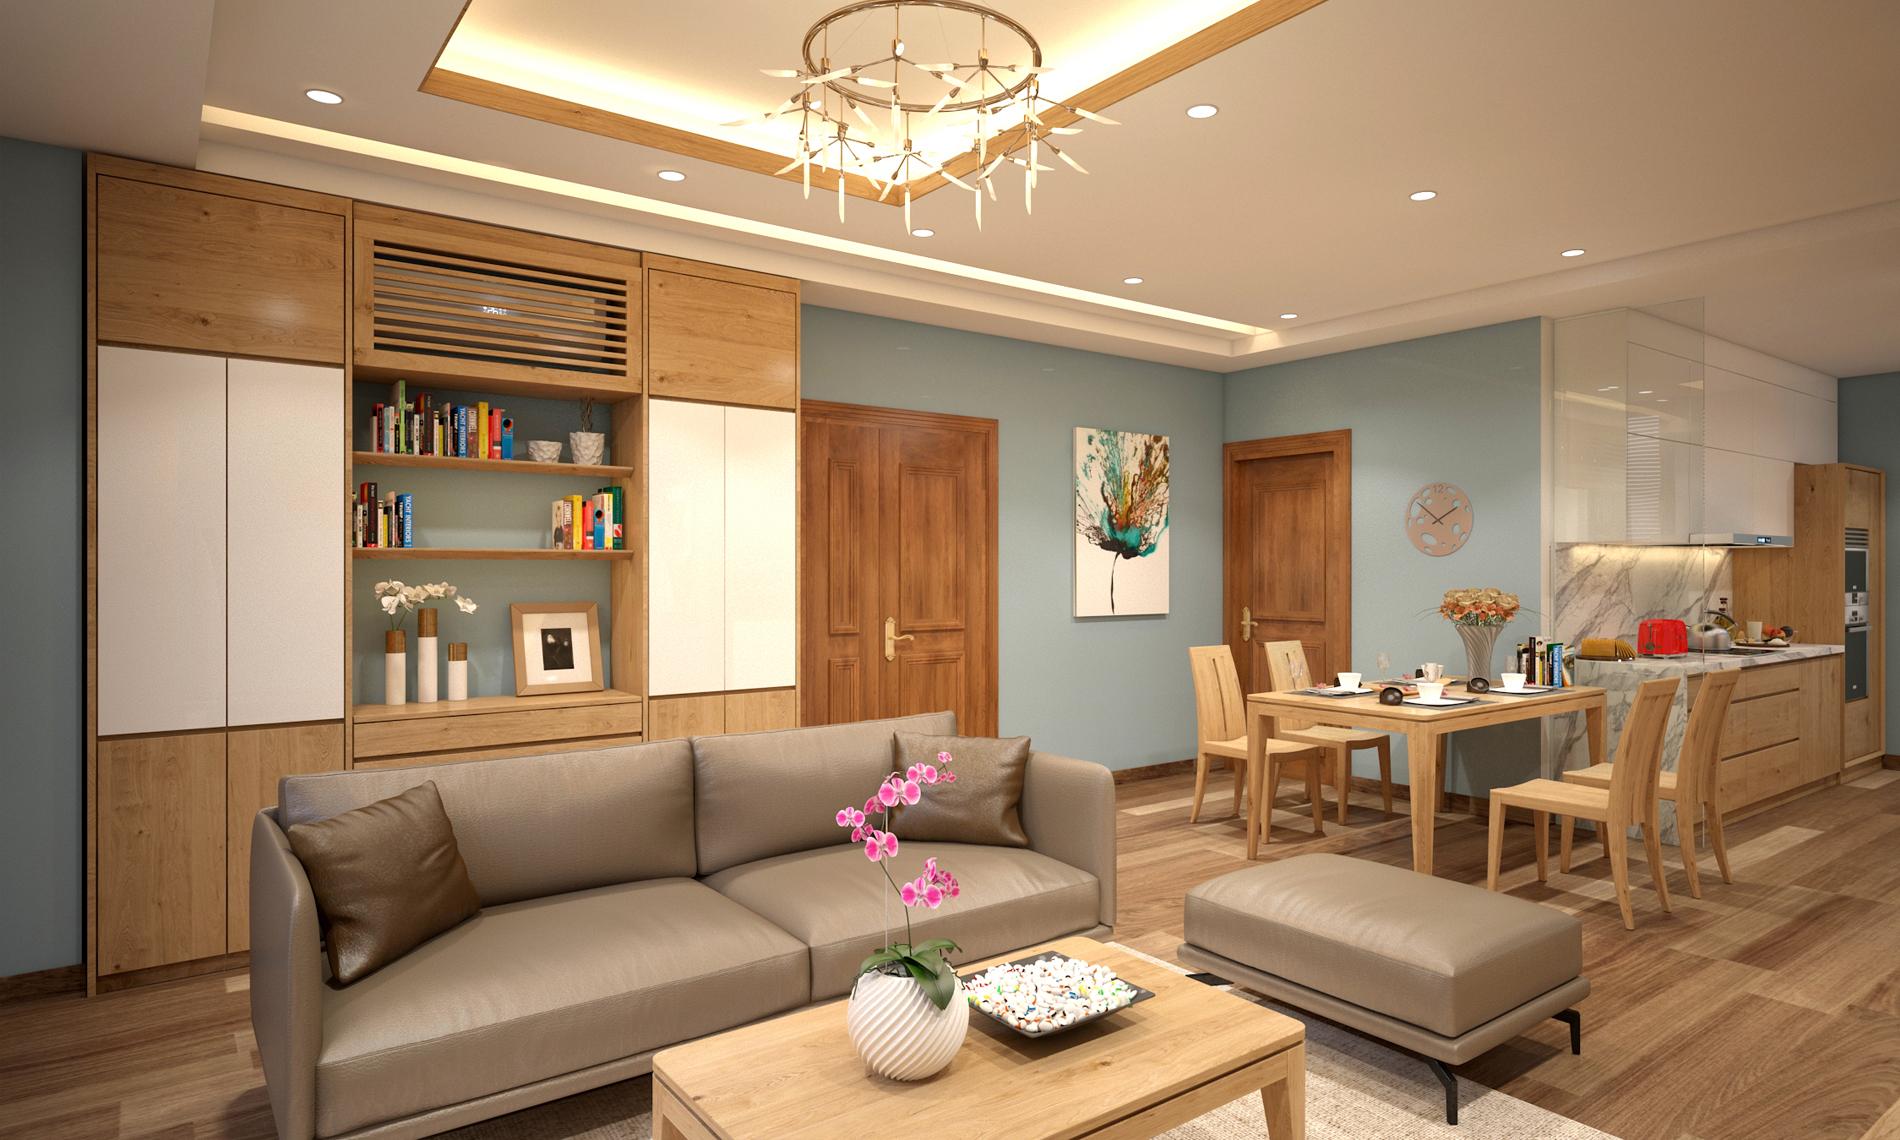 Nội thất gỗ sồi tự nhiên tuyệt đẹp và tiện nghi – Căn chung cư Tầng 7